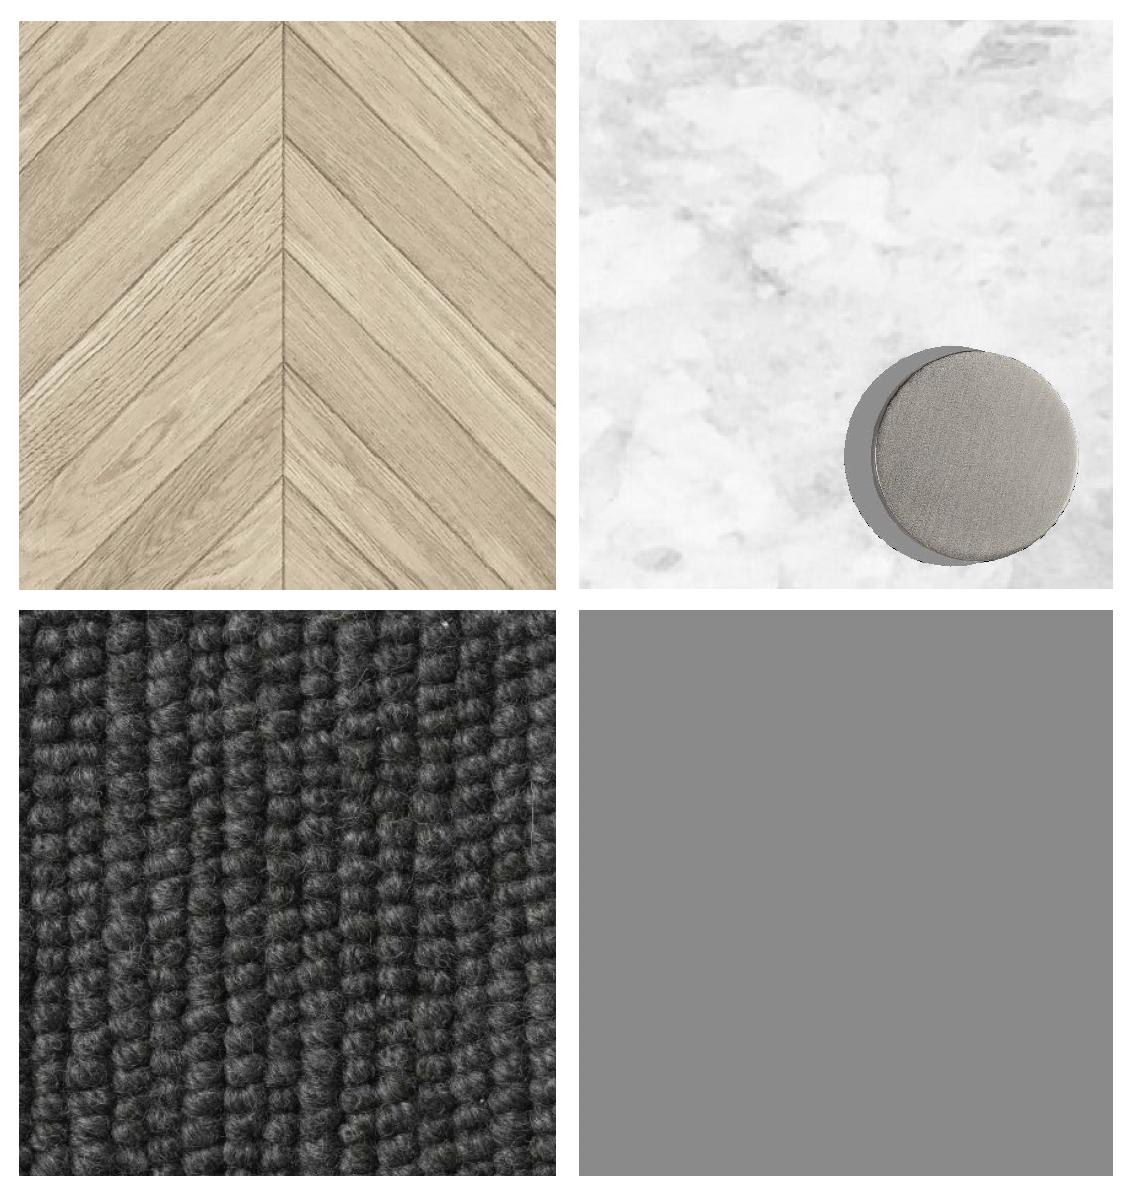 Light/white benchtops, tiles & flooring, light timber floorboards, medium grey joinery, dark carpet